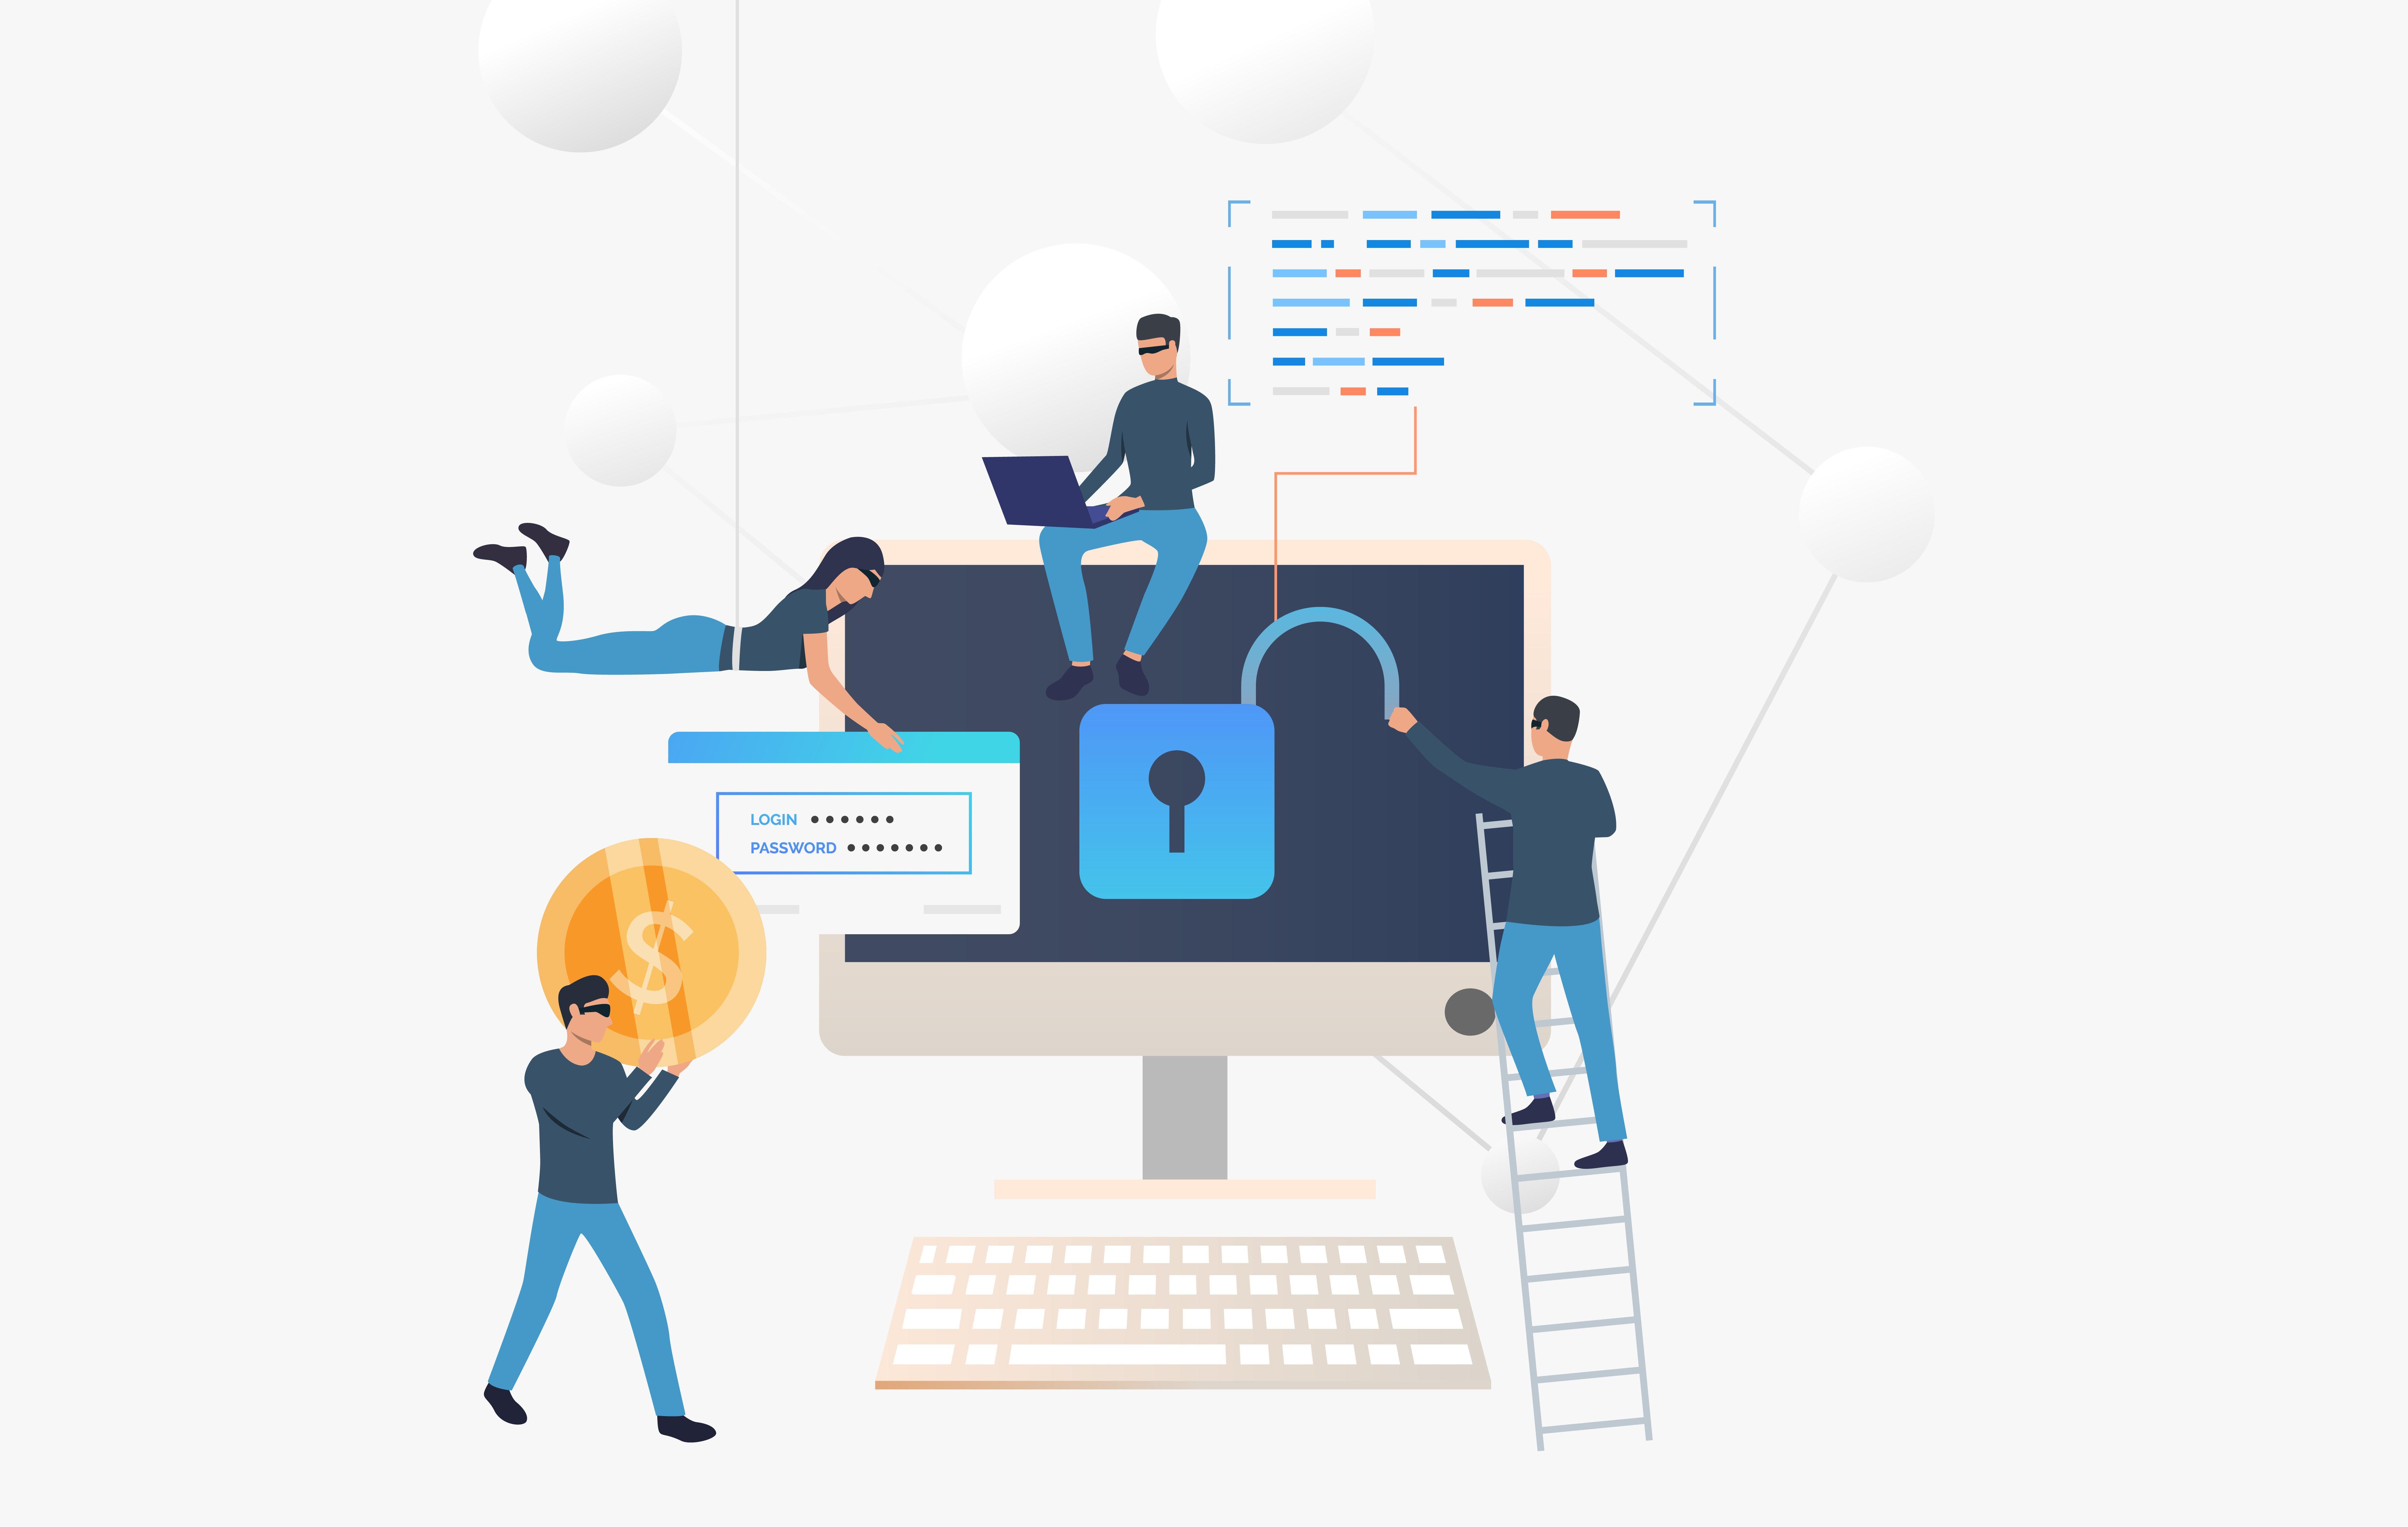 Cyber rizici i IT alati za upravljanje rizicima